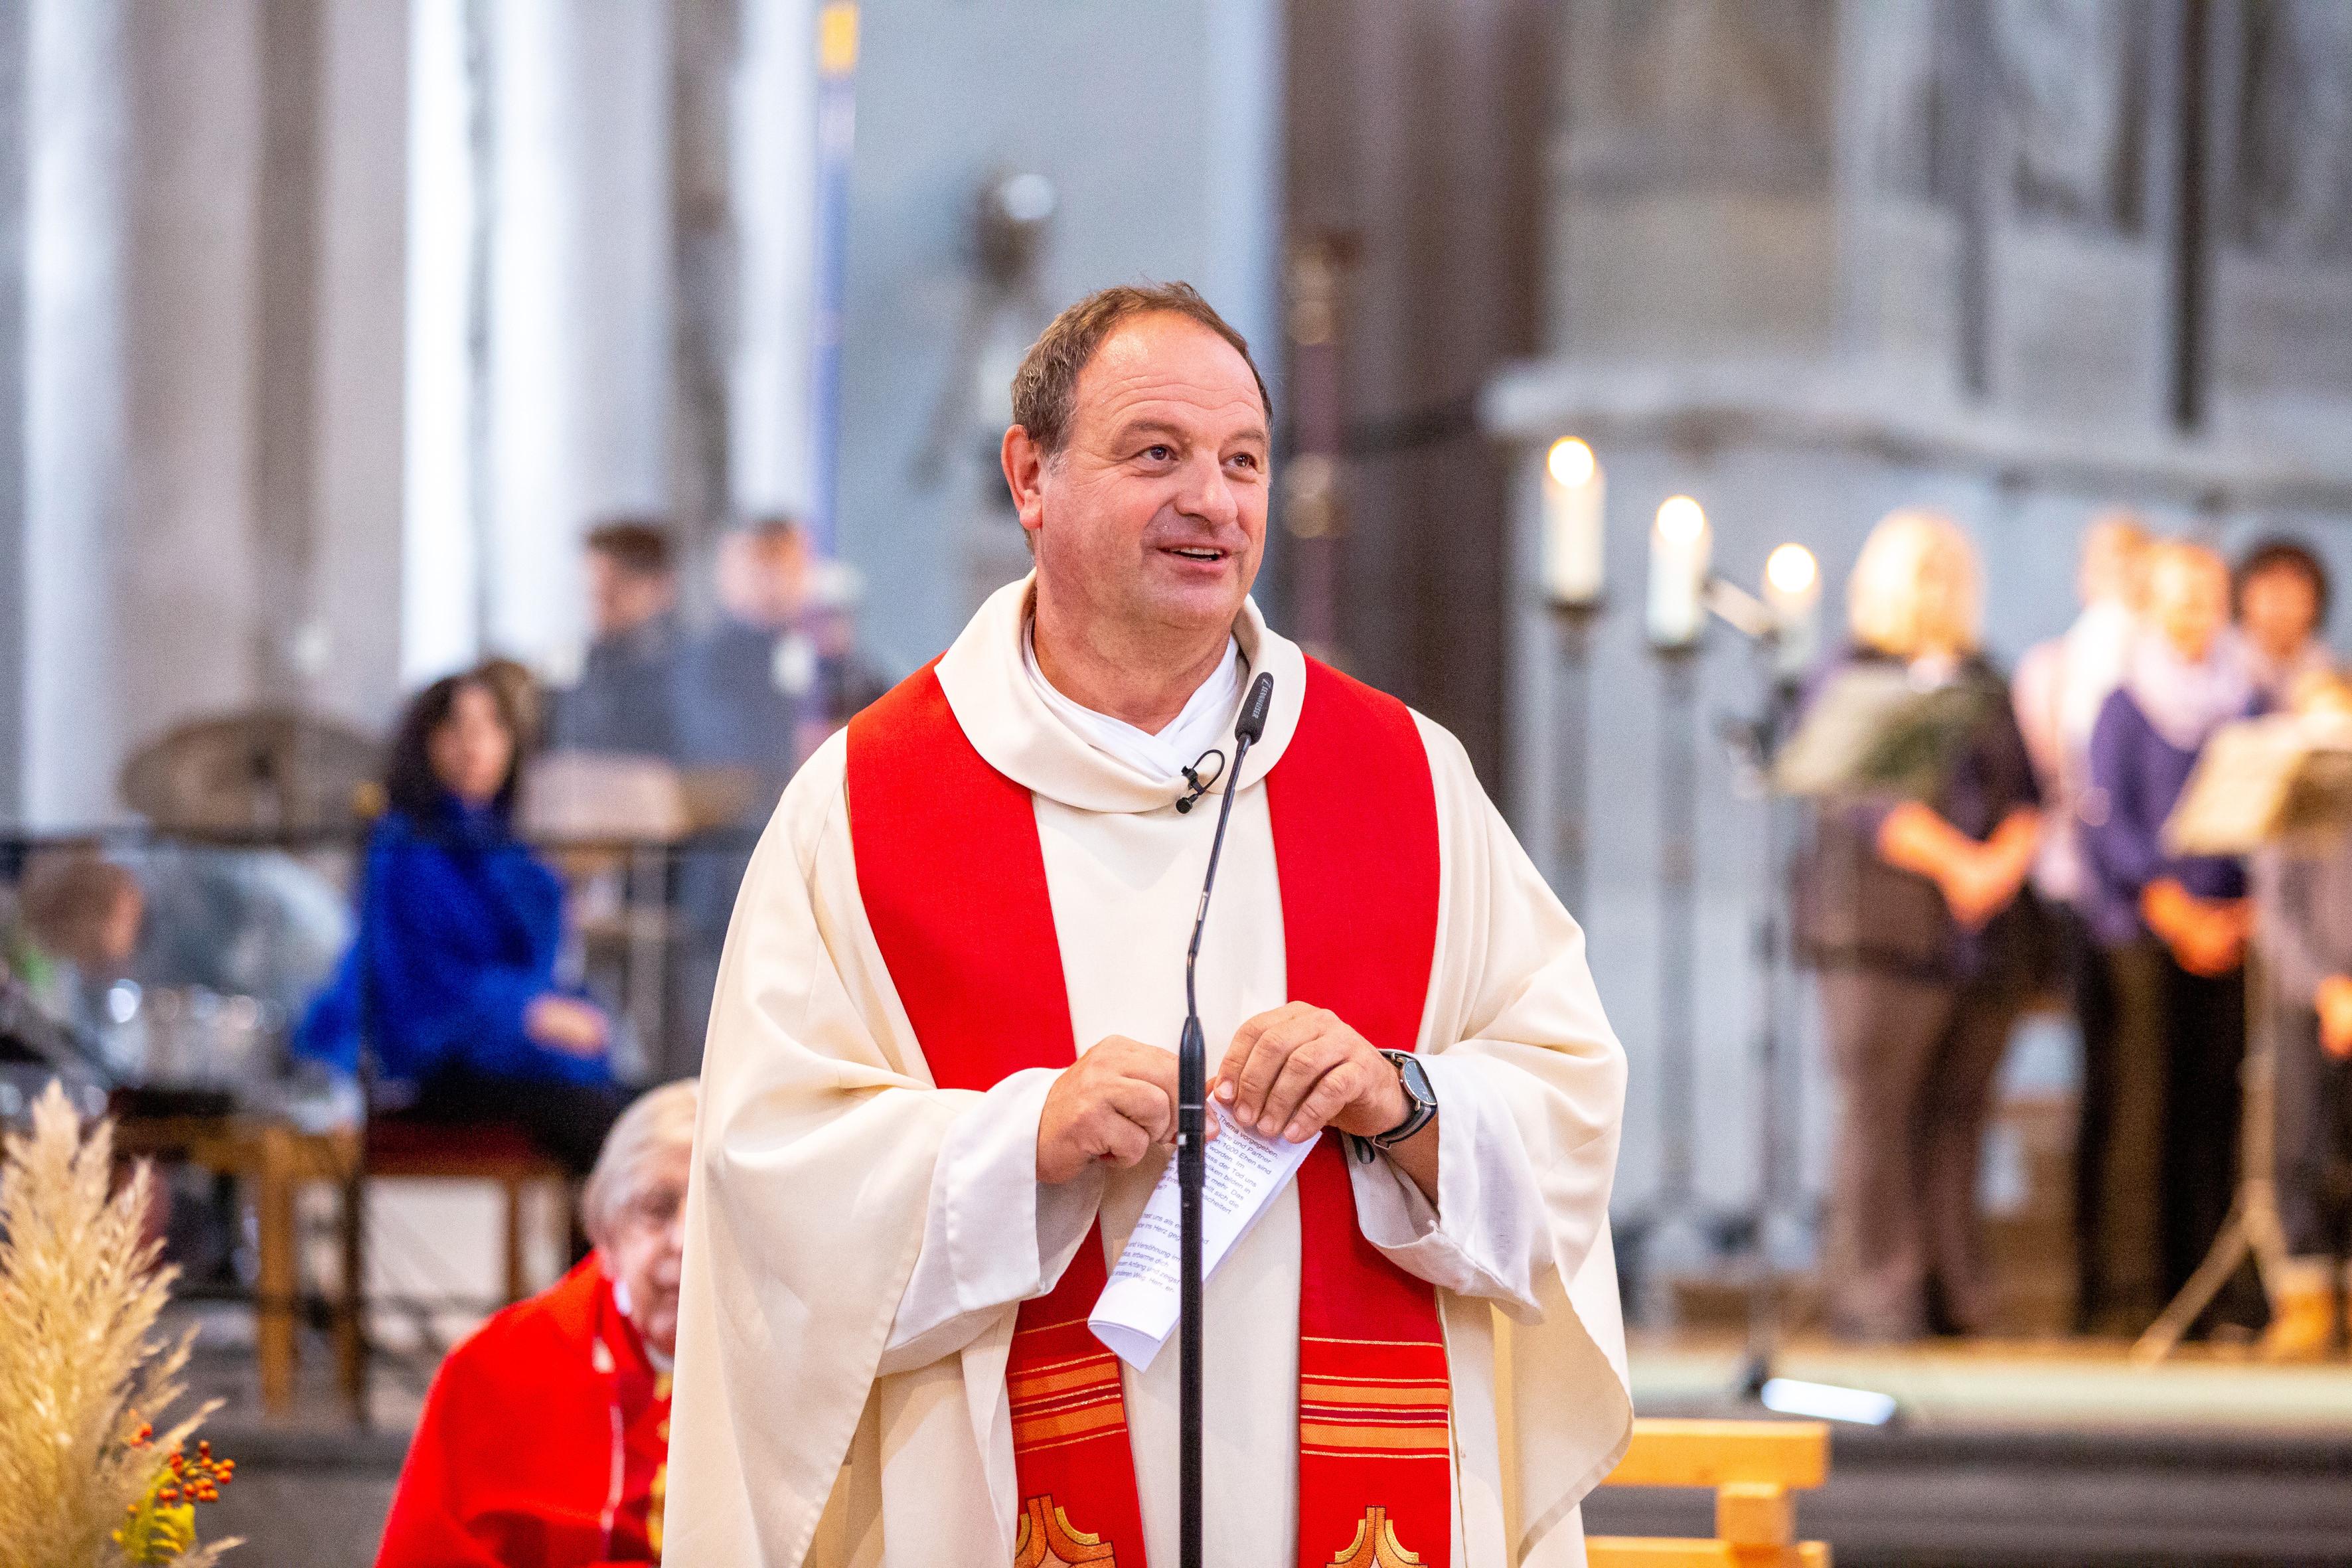 Pfarrer Schießler Hochzeit  25 Jahre Pfarrer Schießler in St Maximilian